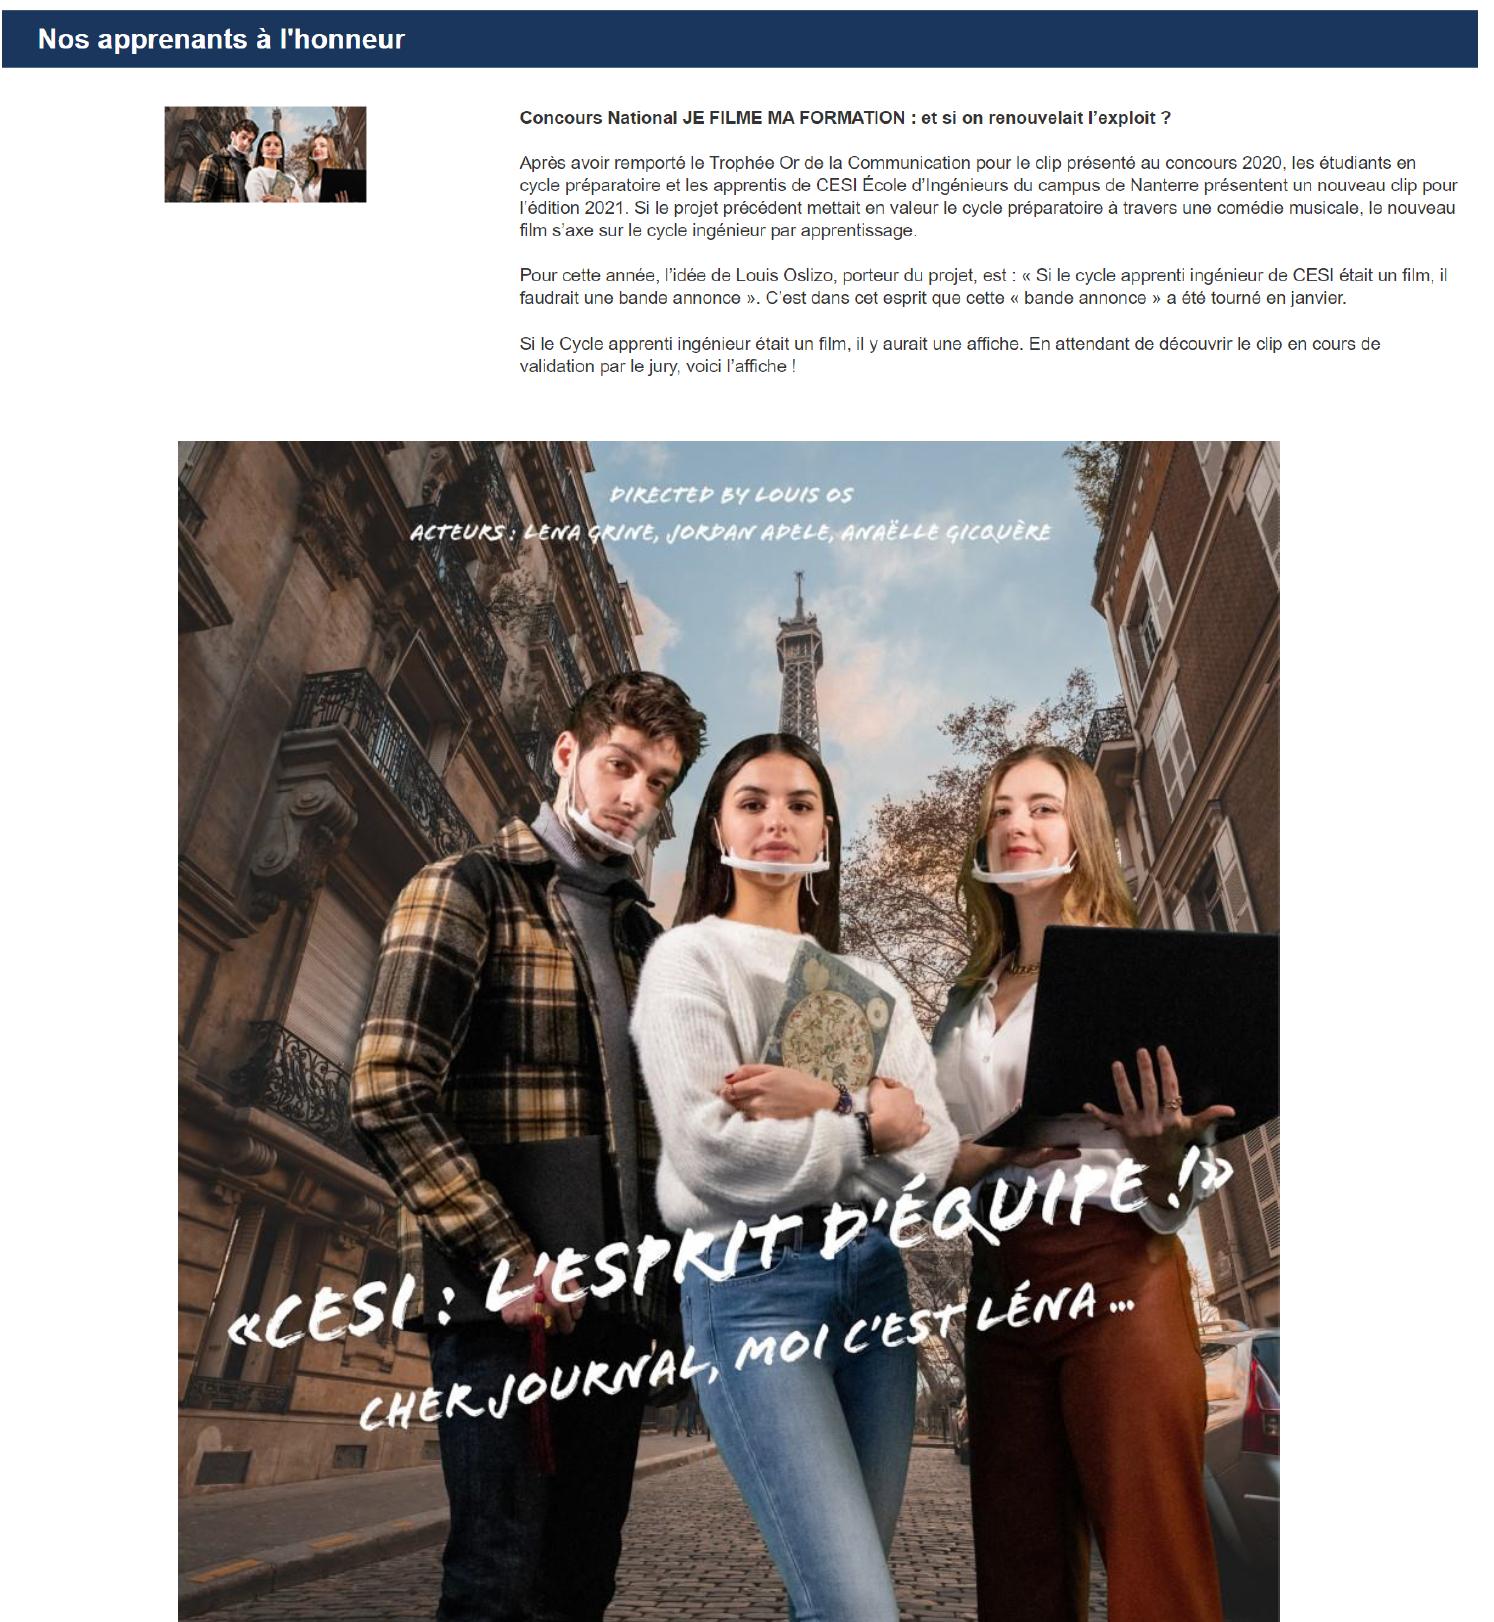 CESI Newsletter - 08/03/2021